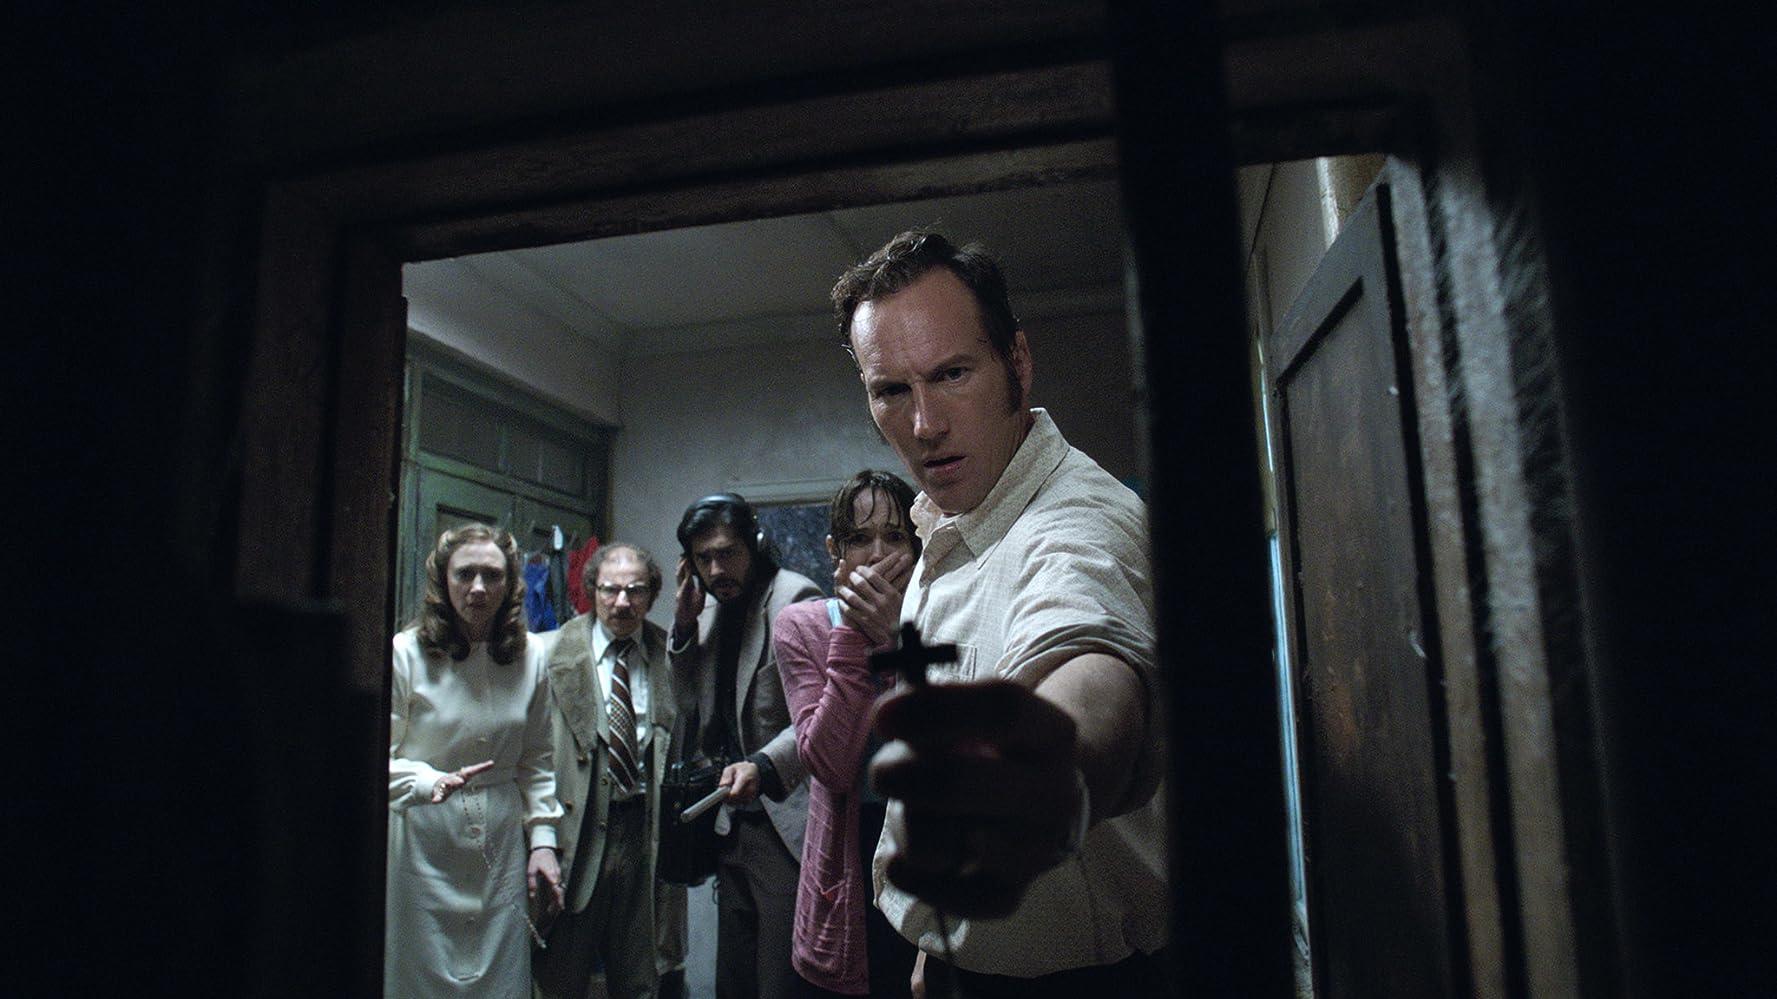 Franka Potente, Vera Farmiga, Simon McBurney, and Patrick Wilson in The Conjuring 2 (2016)